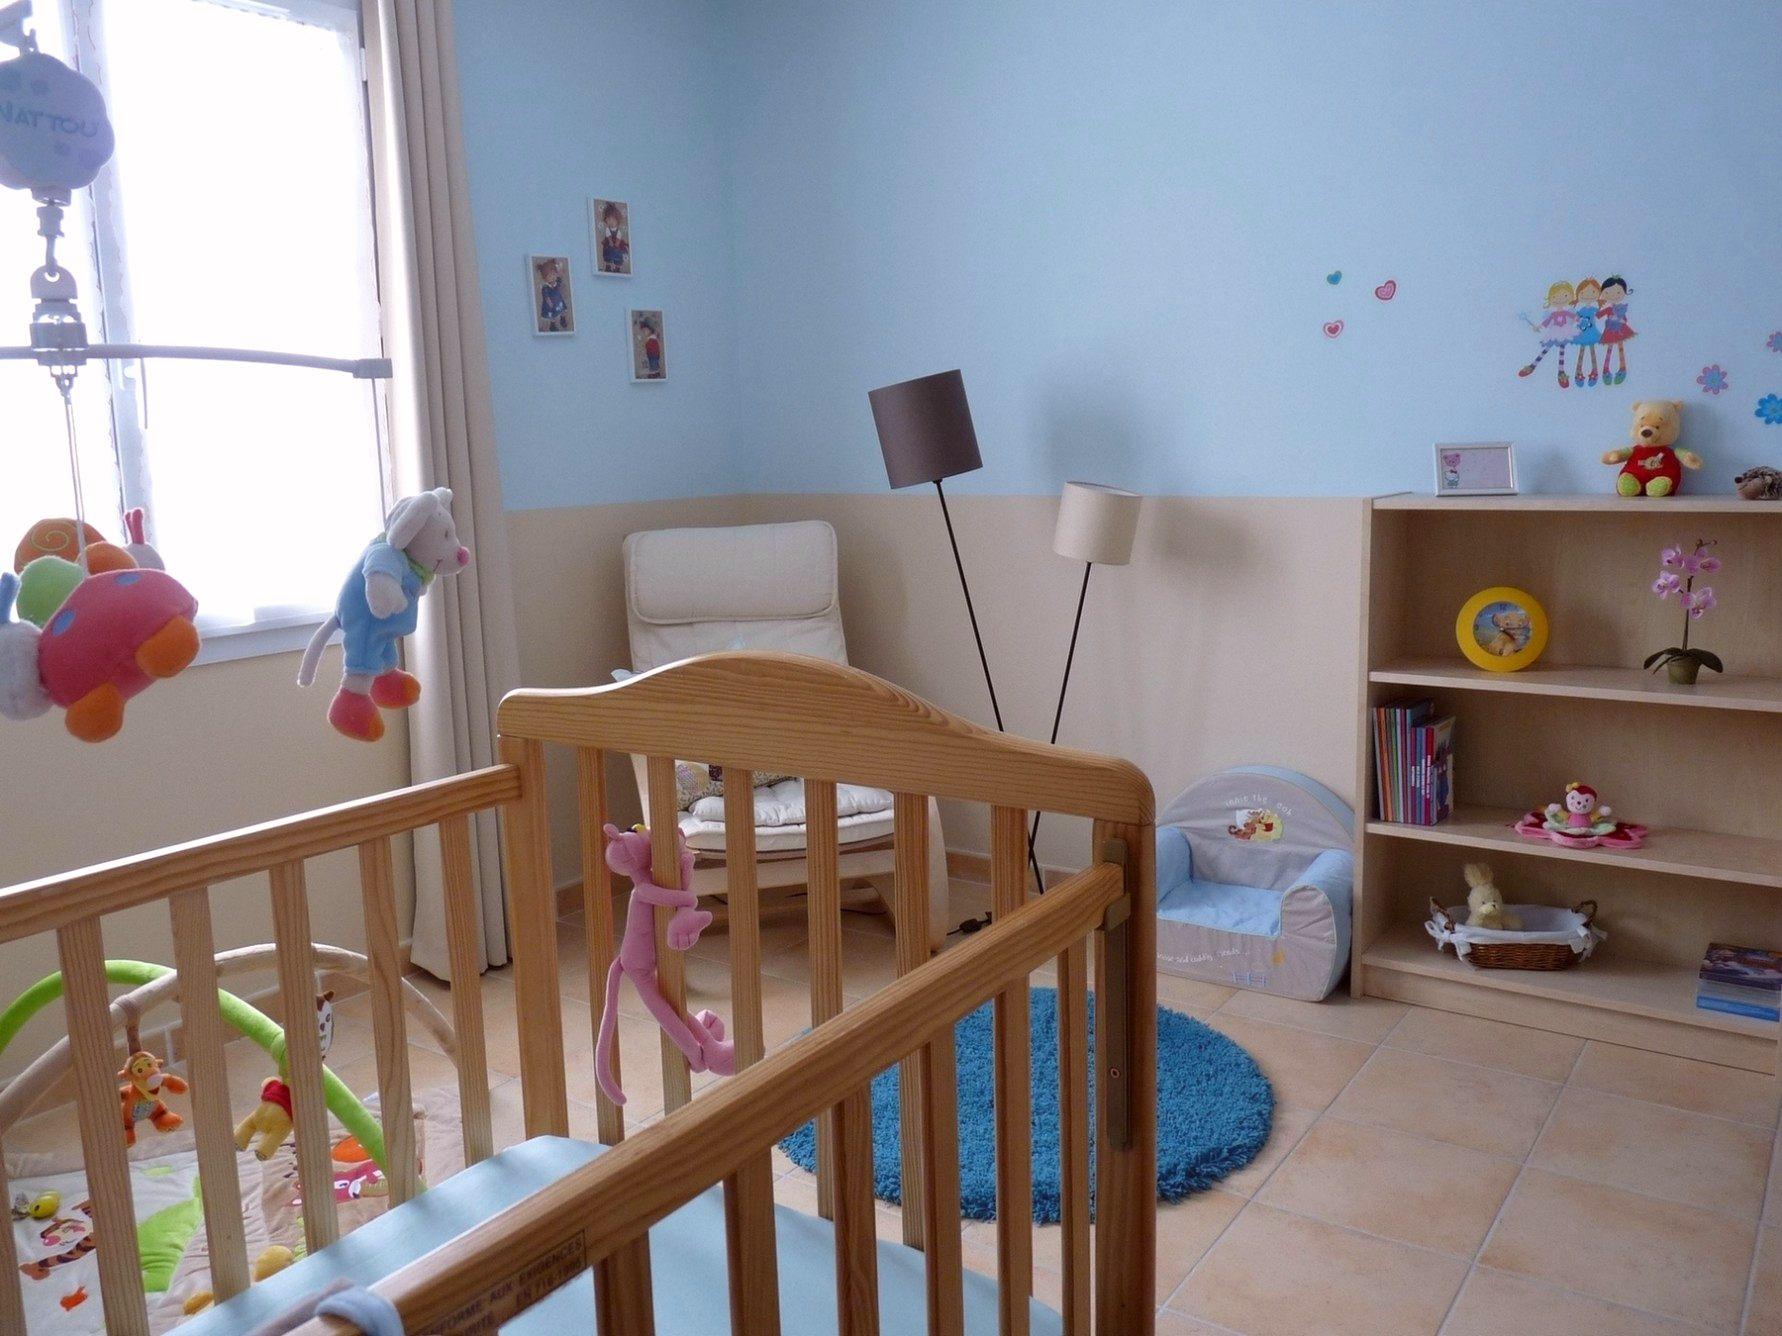 Lit Bébé Superposé Charmant Chambre Bébé Deco Unique Chambre Bébé Fille Inspirant Parc B C3 A9b